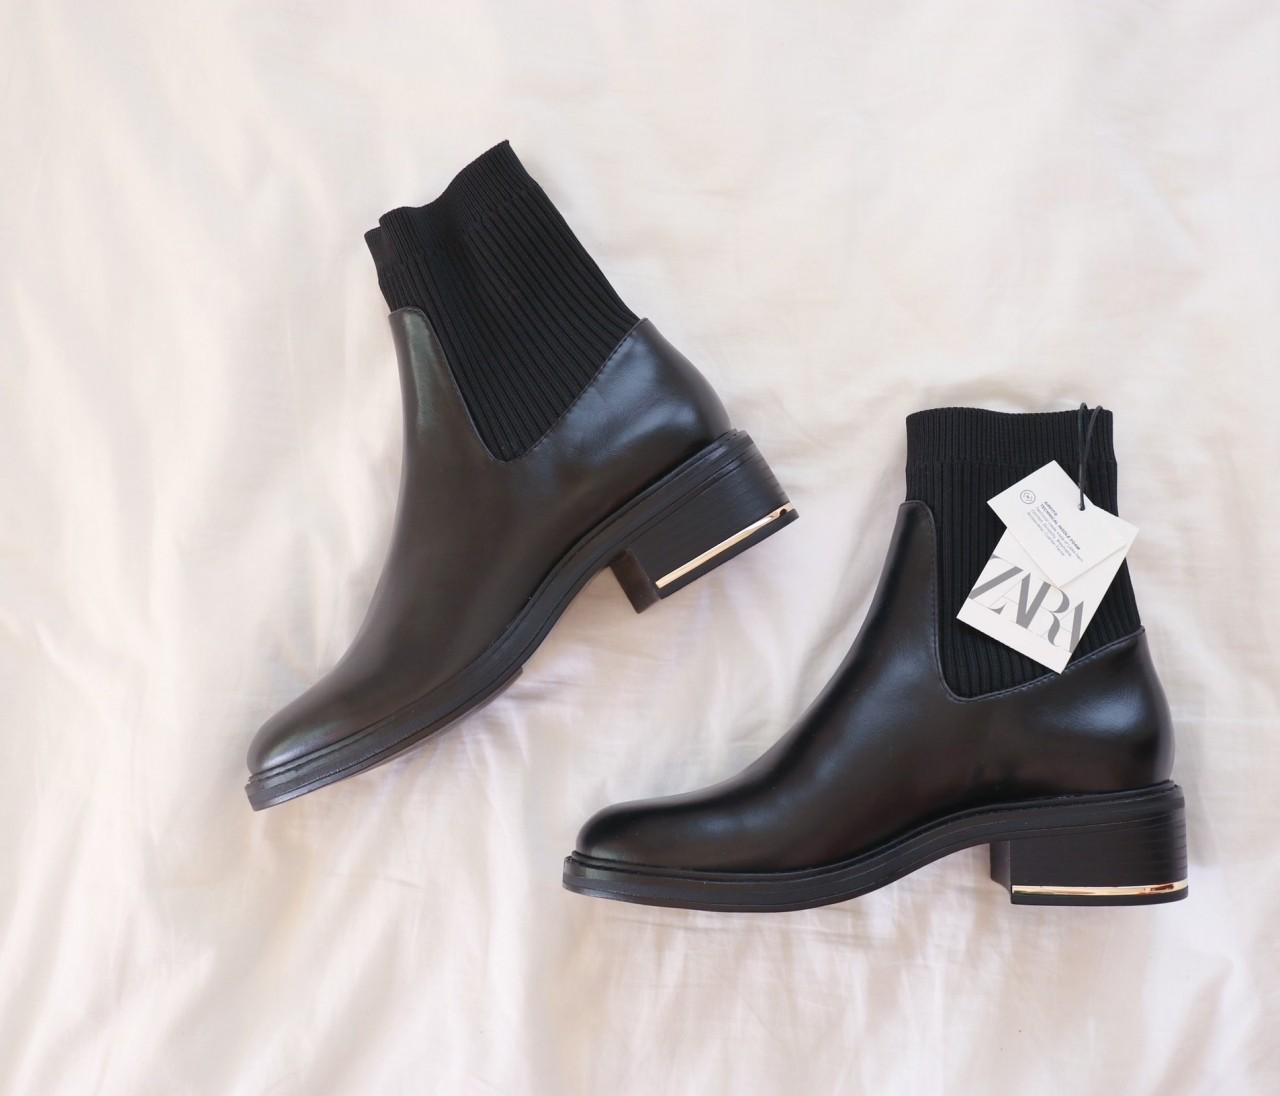 【ZARA】今季のブーツが可愛すぎる!